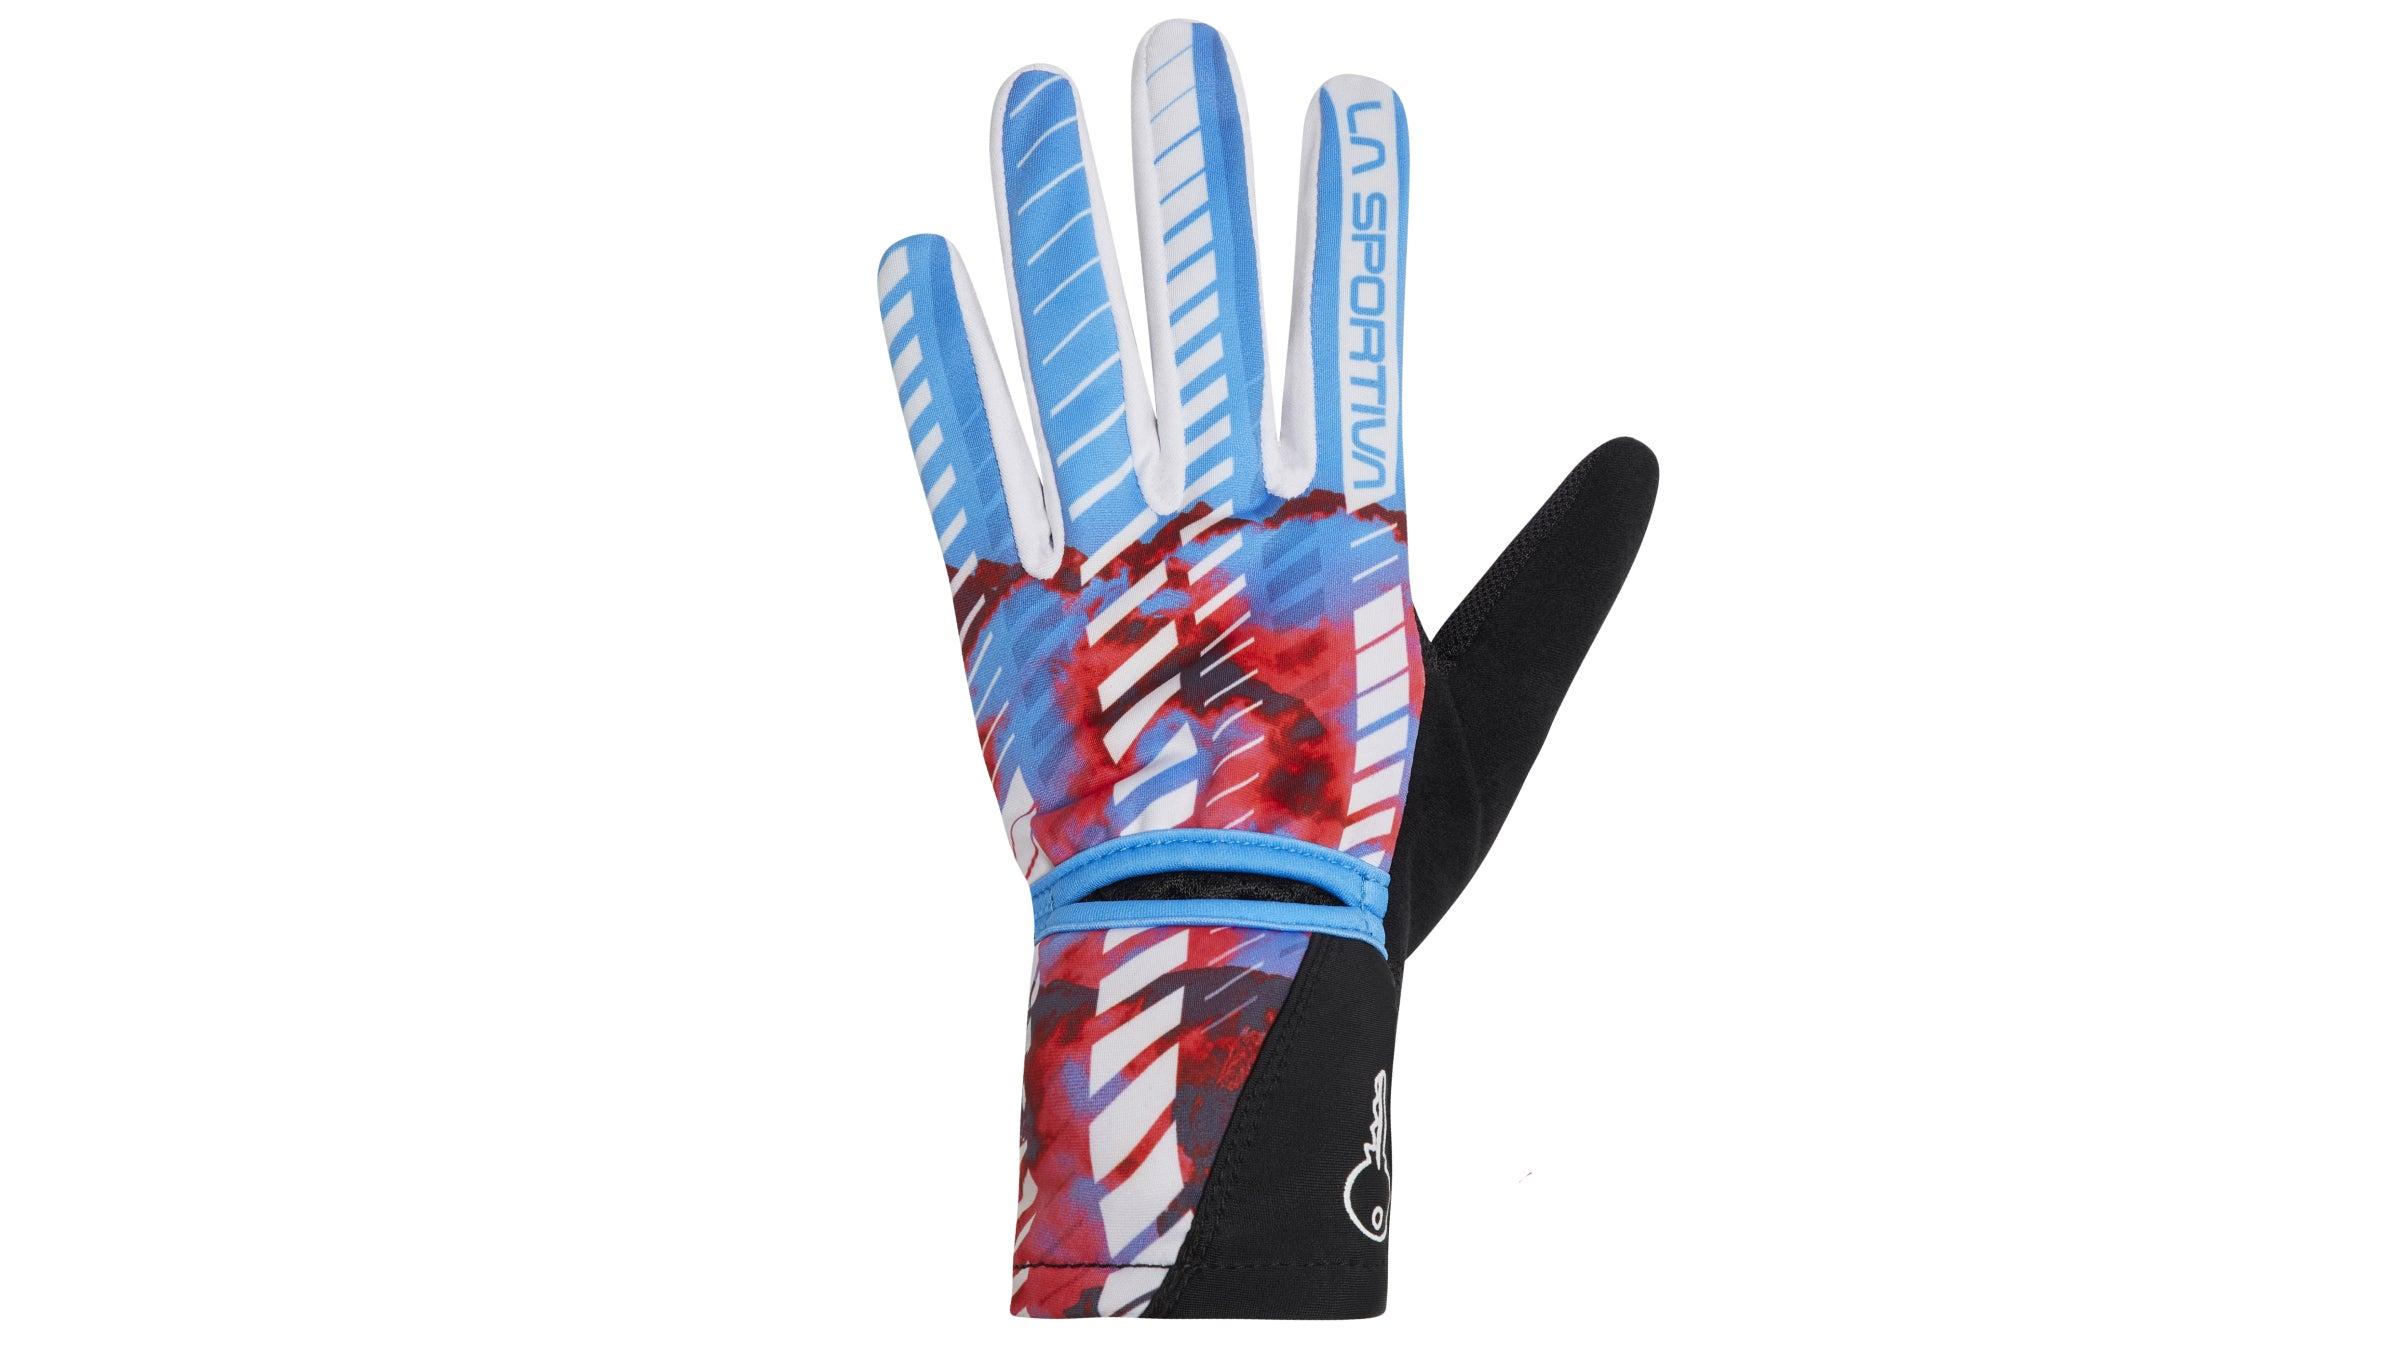 Women's La Sportiva trail glove